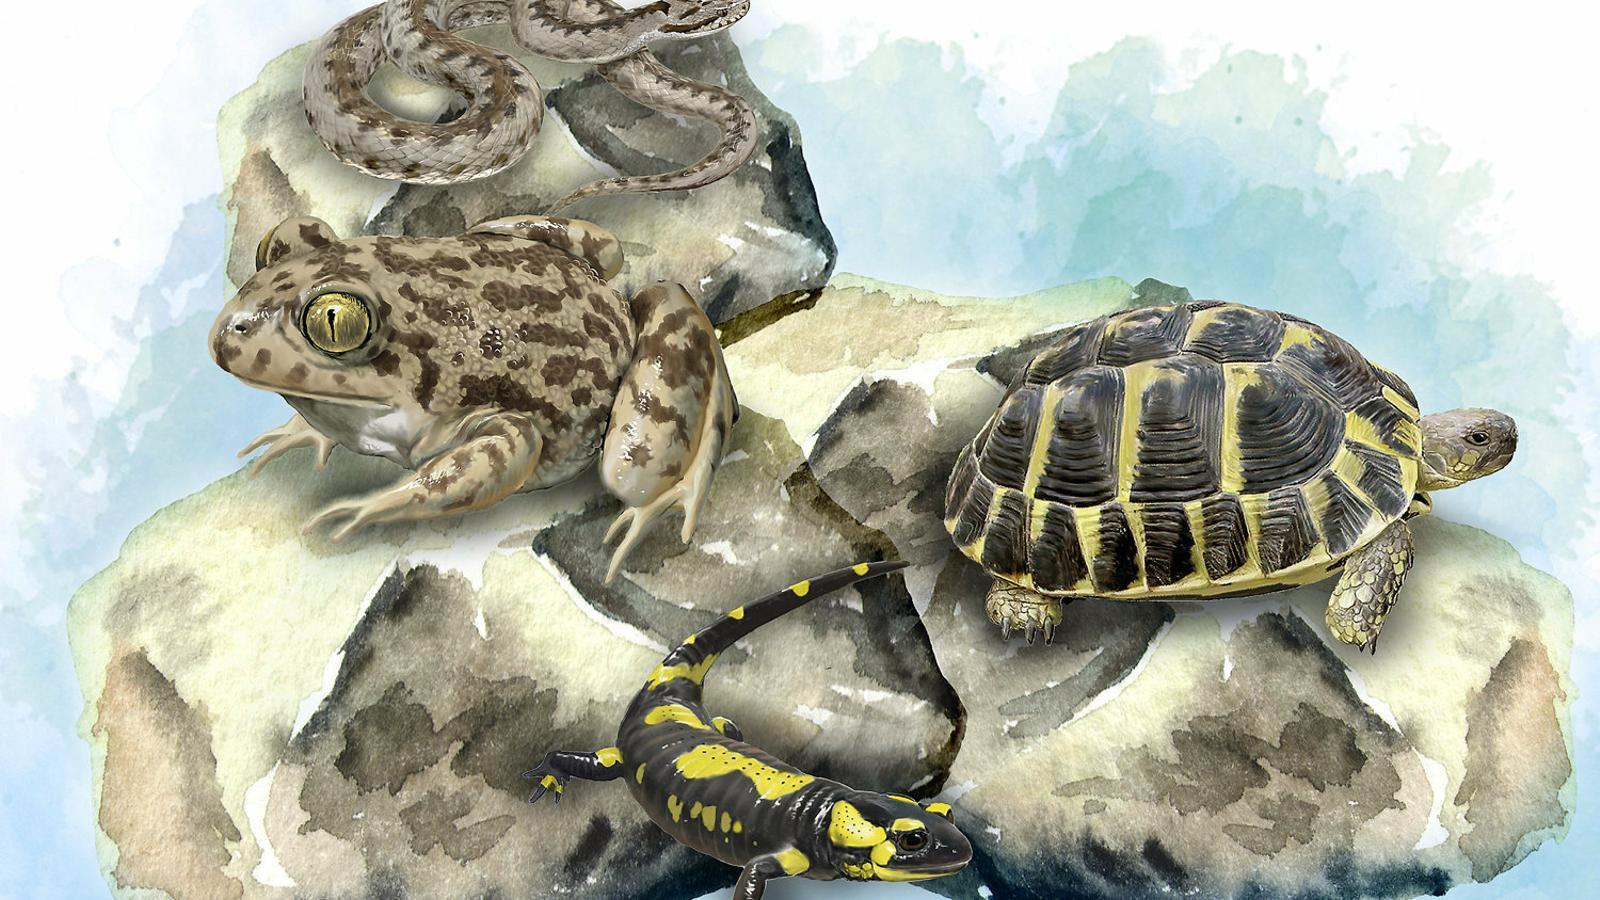 Tot el que vols saber sobre els rèptils i amfibis de Catalunya